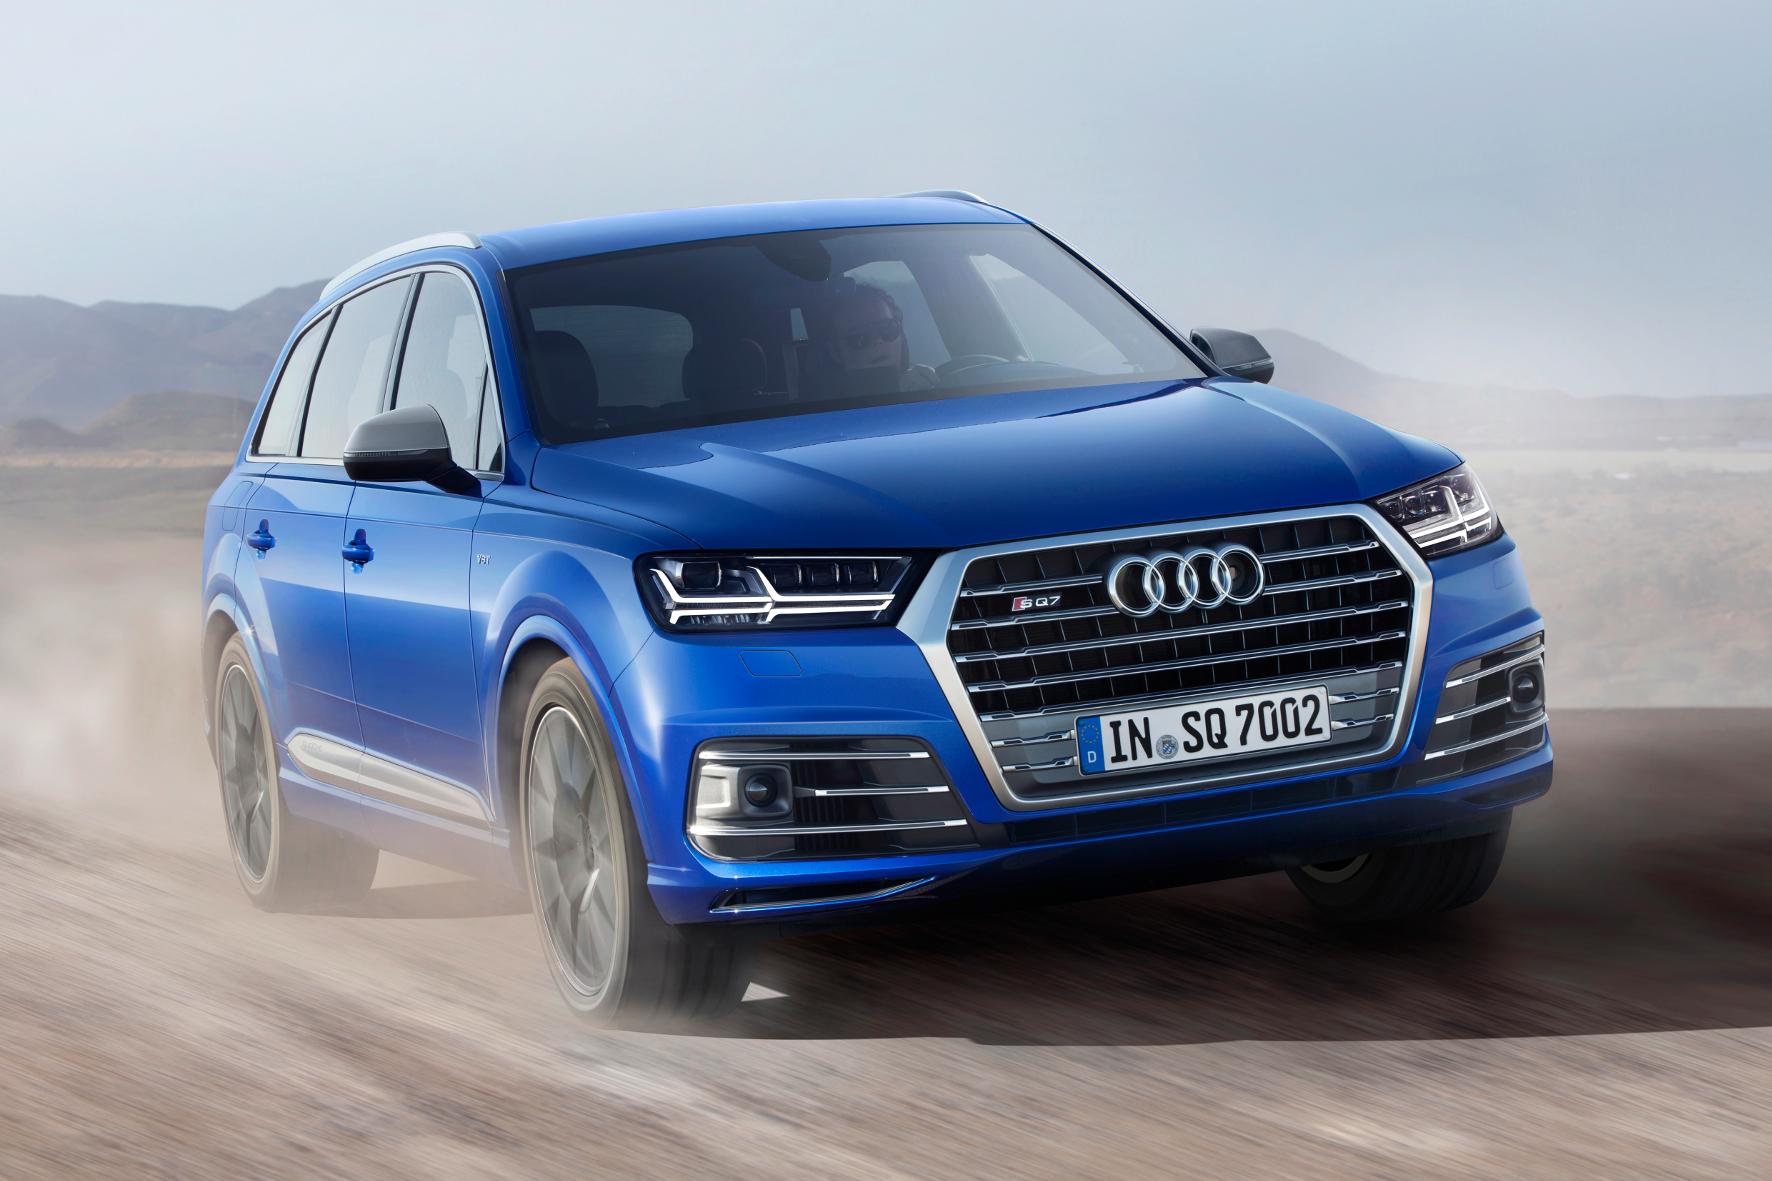 mid Mühlhausen - Der wirbelt mächtig Staub auf: Audi legt mit dem SQ7 die Messlatte für sportliche SUV mit Dieselmotor eine Stufe höher.